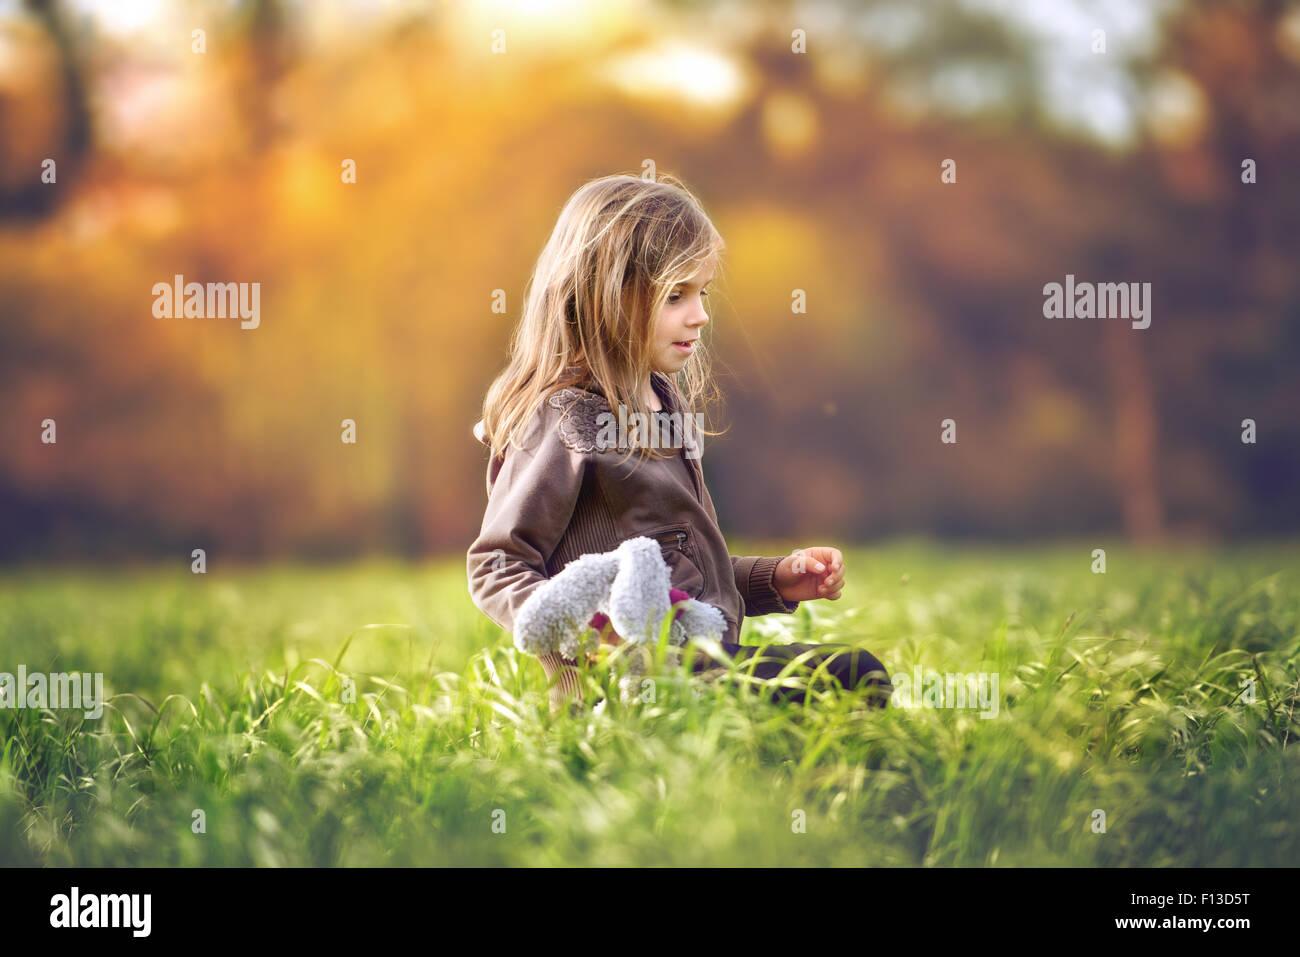 Ragazza seduta in un campo tenendo un giocattolo morbido Immagini Stock